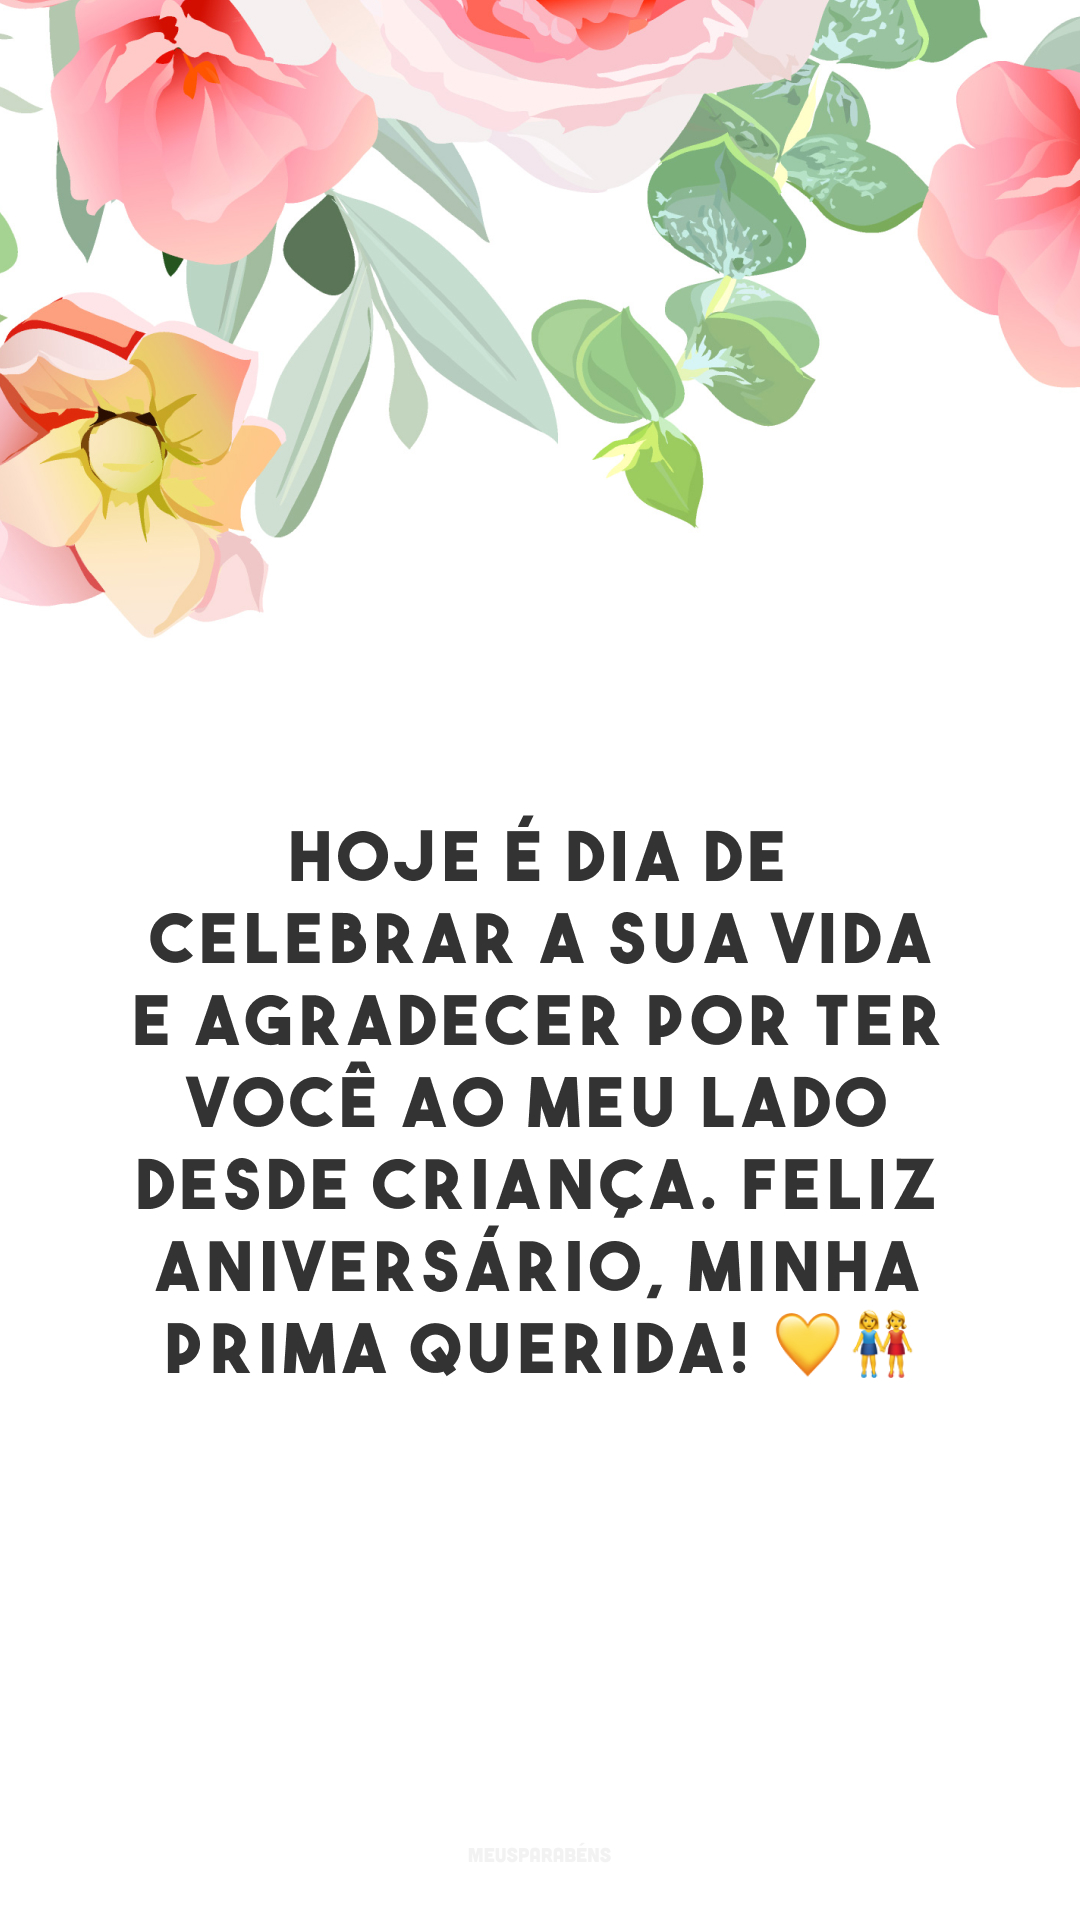 Hoje é dia de celebrar a sua vida e agradecer por ter você ao meu lado desde criança. Feliz aniversário, minha prima querida! 💛👭